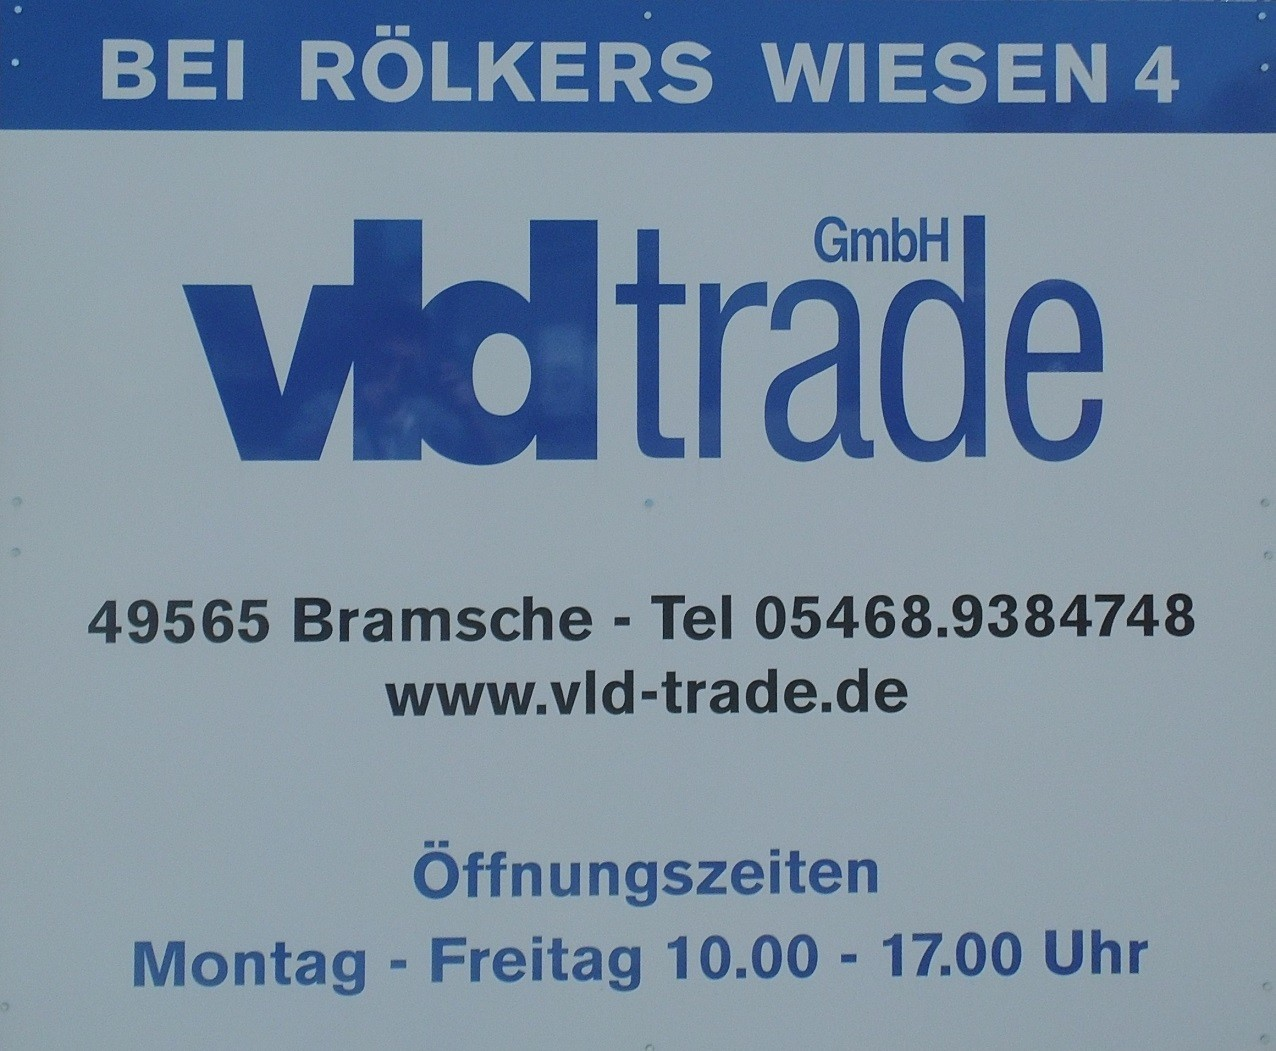 Firma VLD Trade Online Händler für Stuckleisten